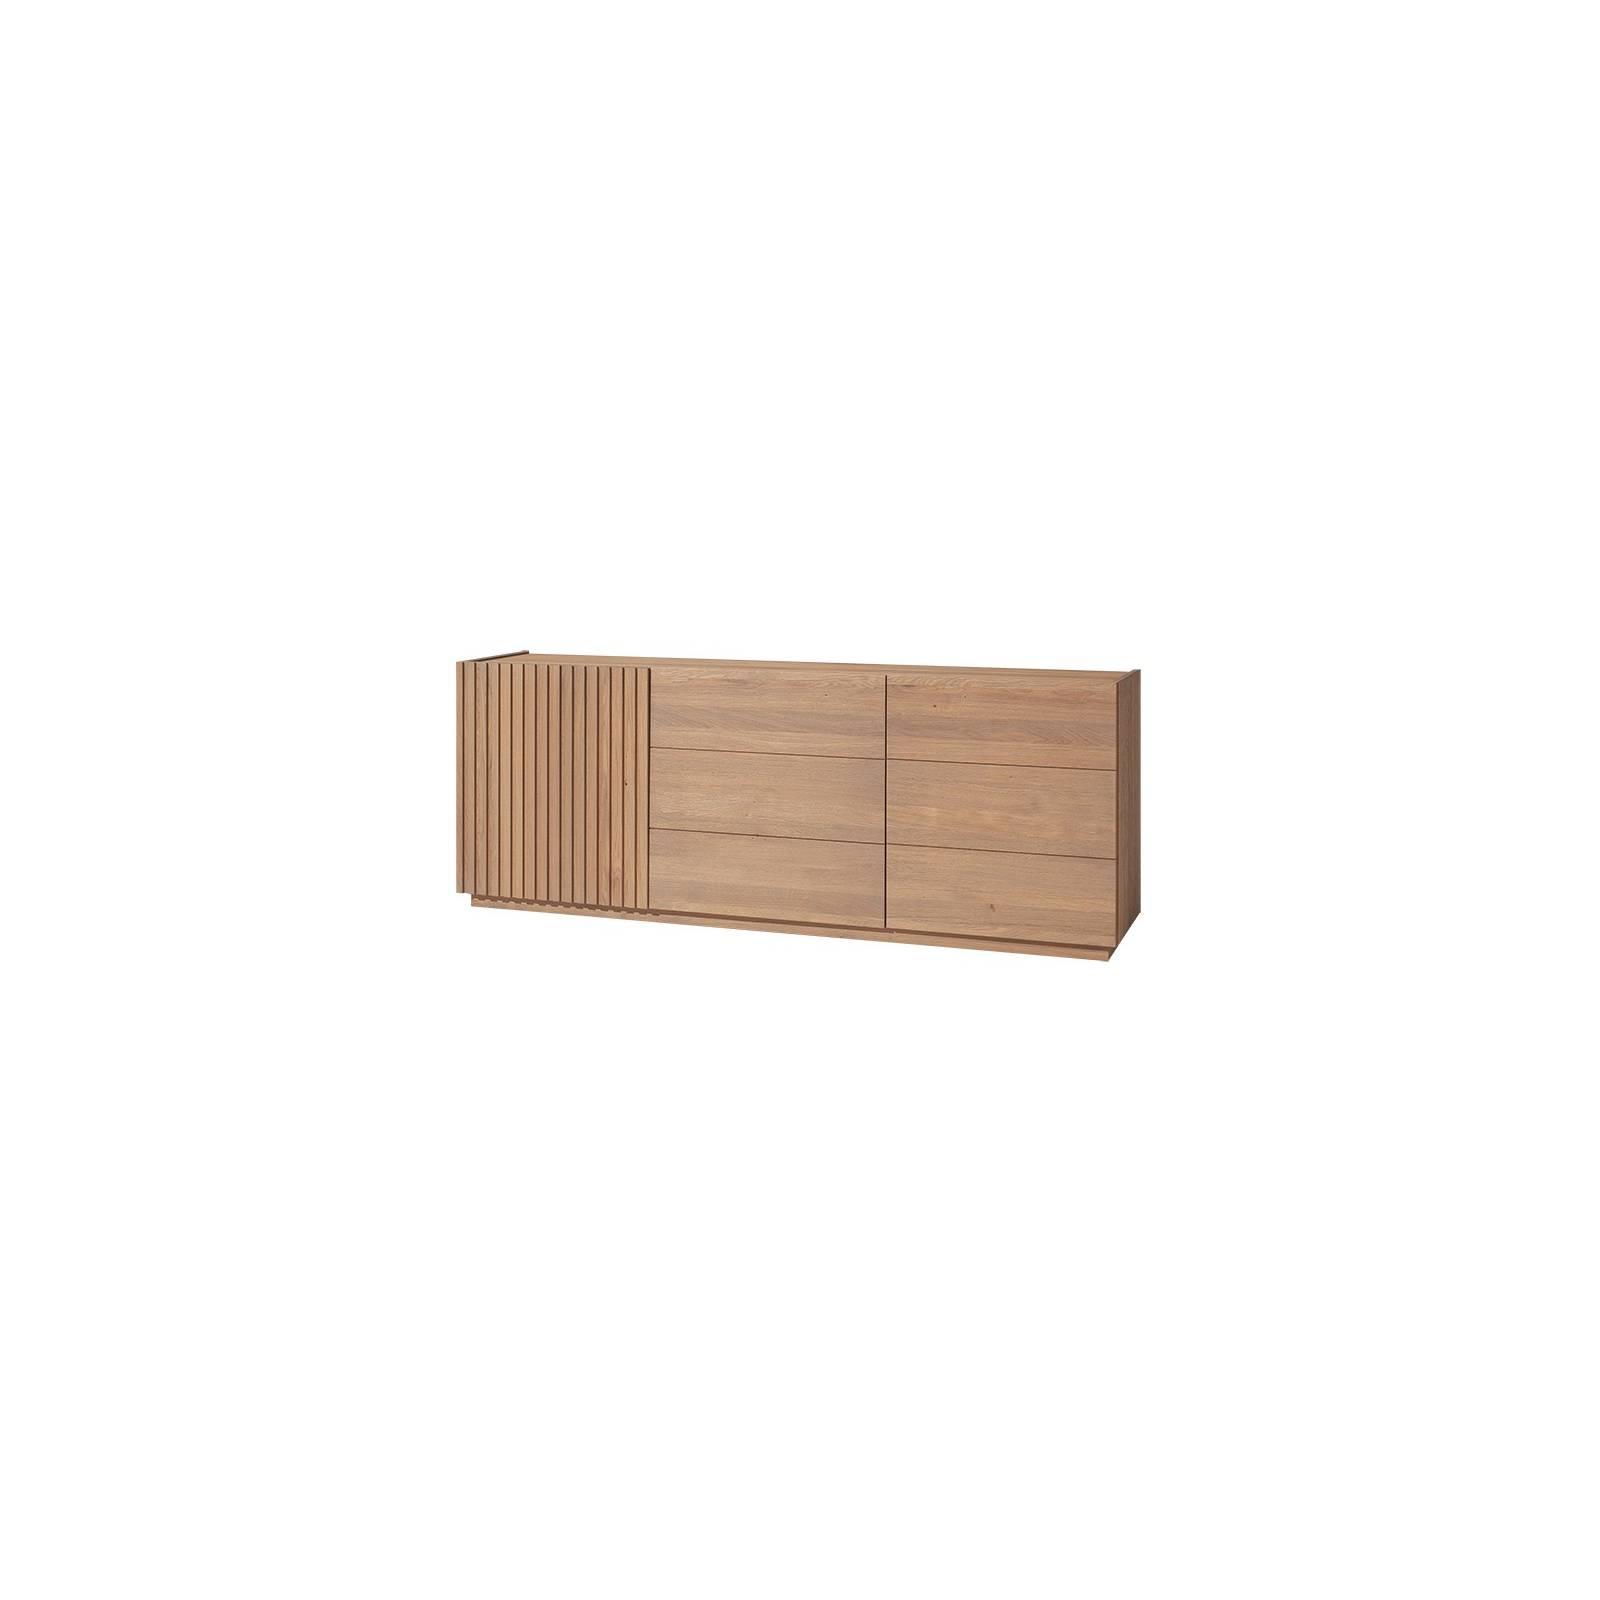 Buffet Grand Modèle Real Chêne - meuble bois massif